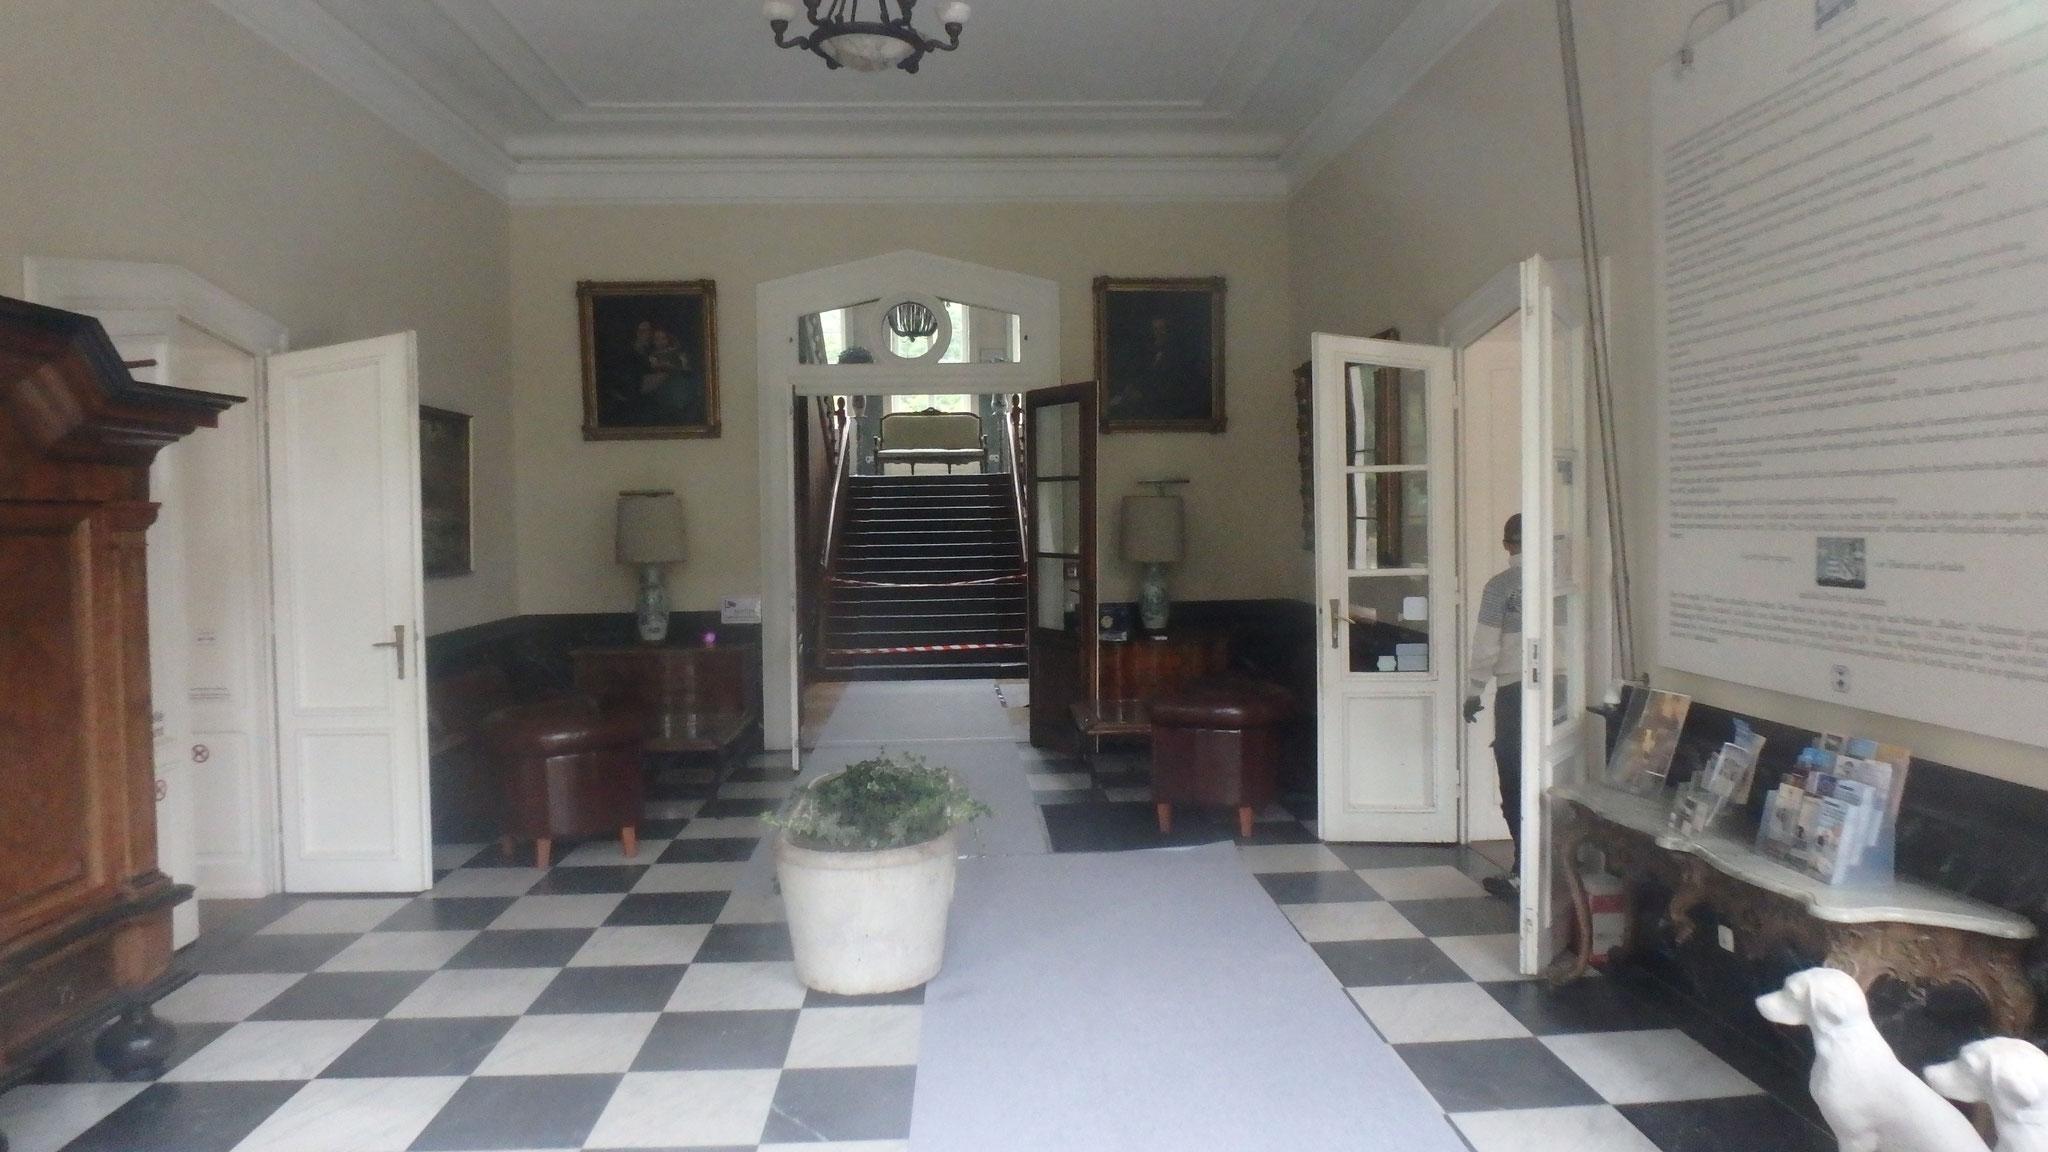 Blick durch die Eingangstür